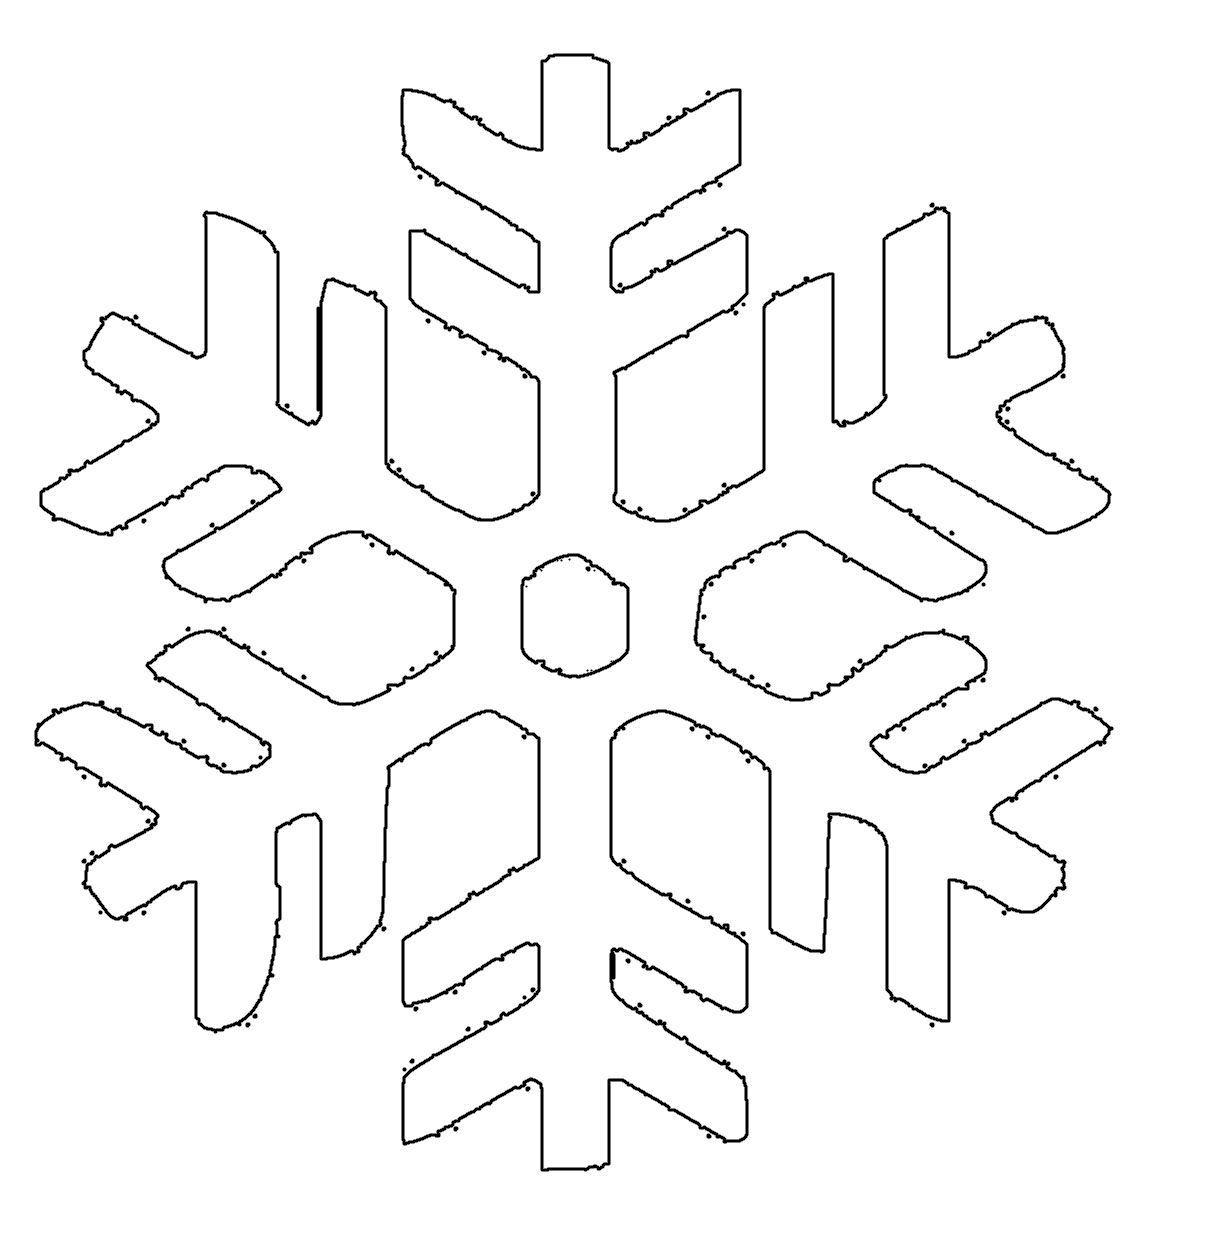 Malvorlage Schneesterne | Coloring And Malvorlagan für Schneeflocke Vorlage